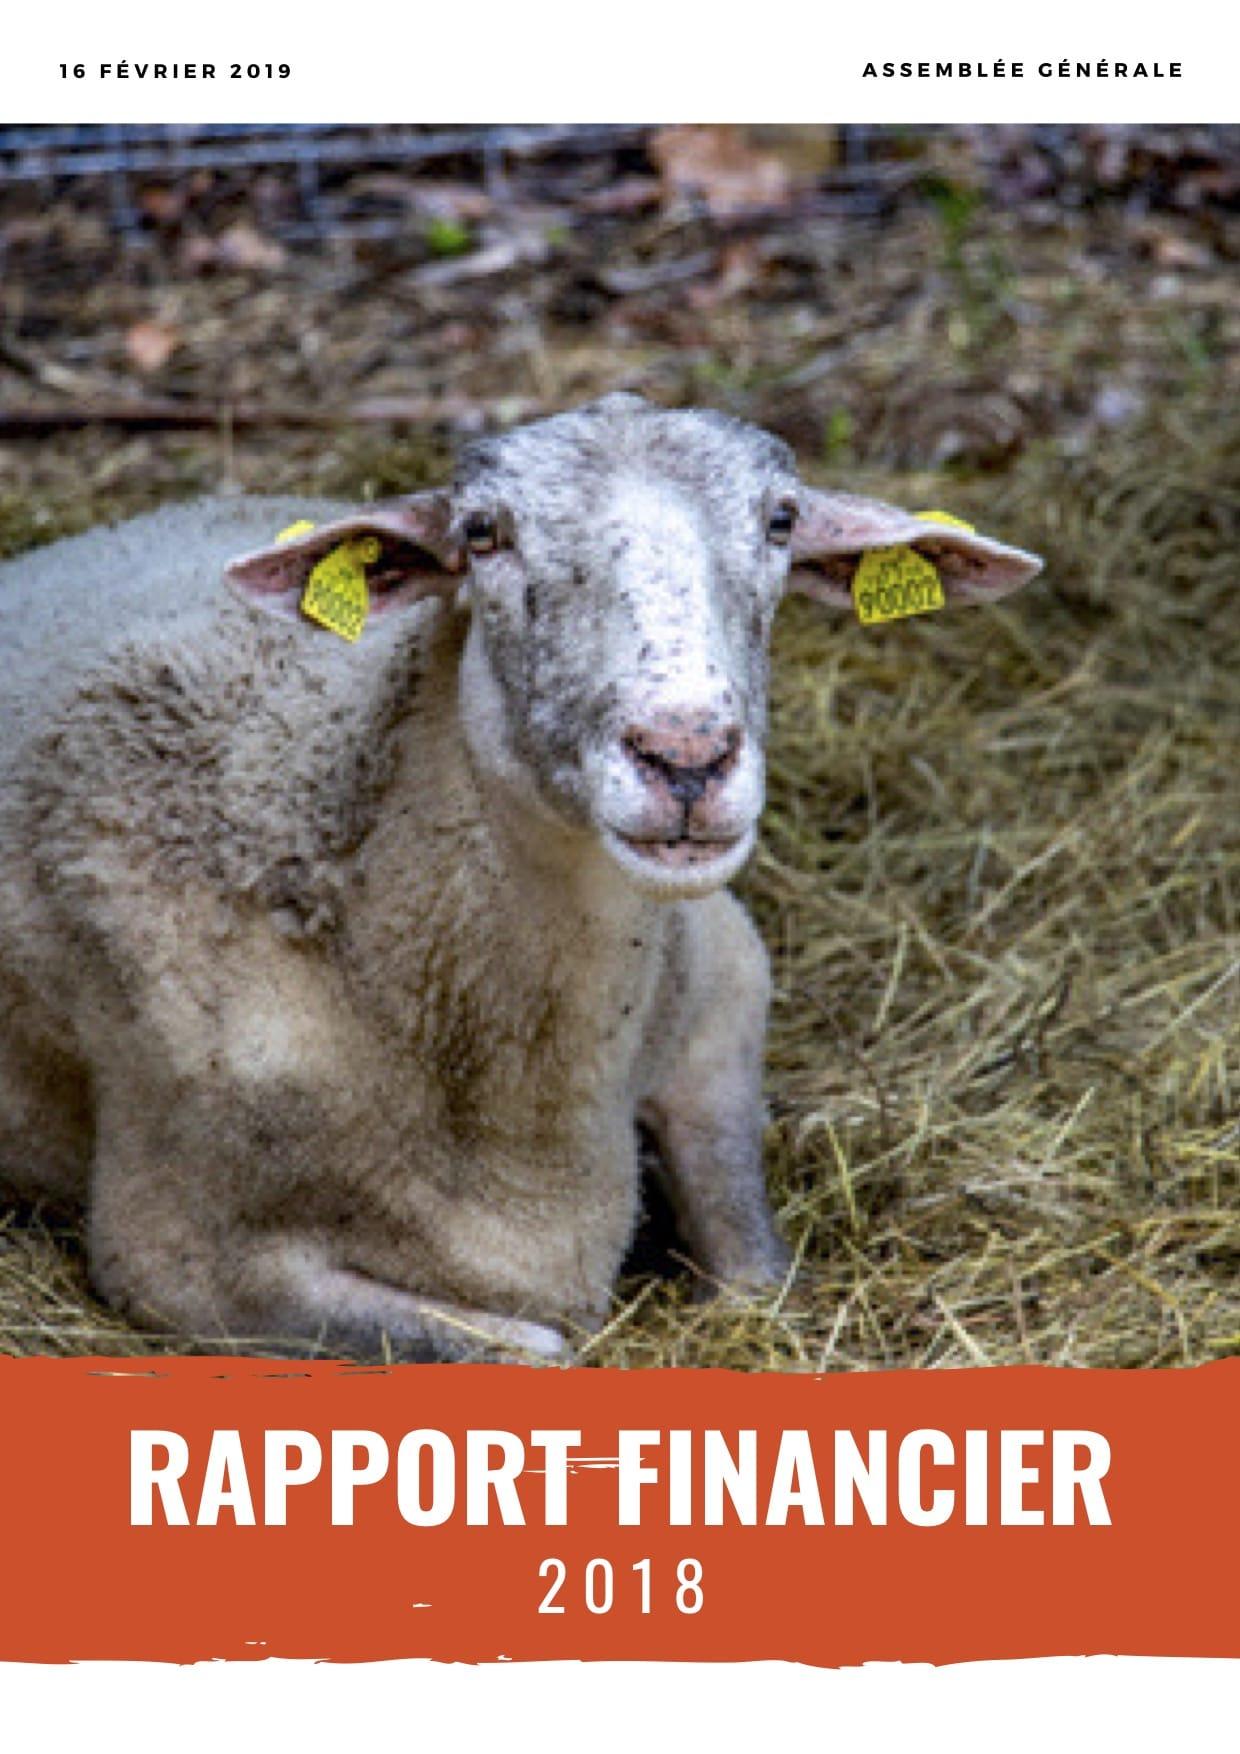 rapport_financier_2018